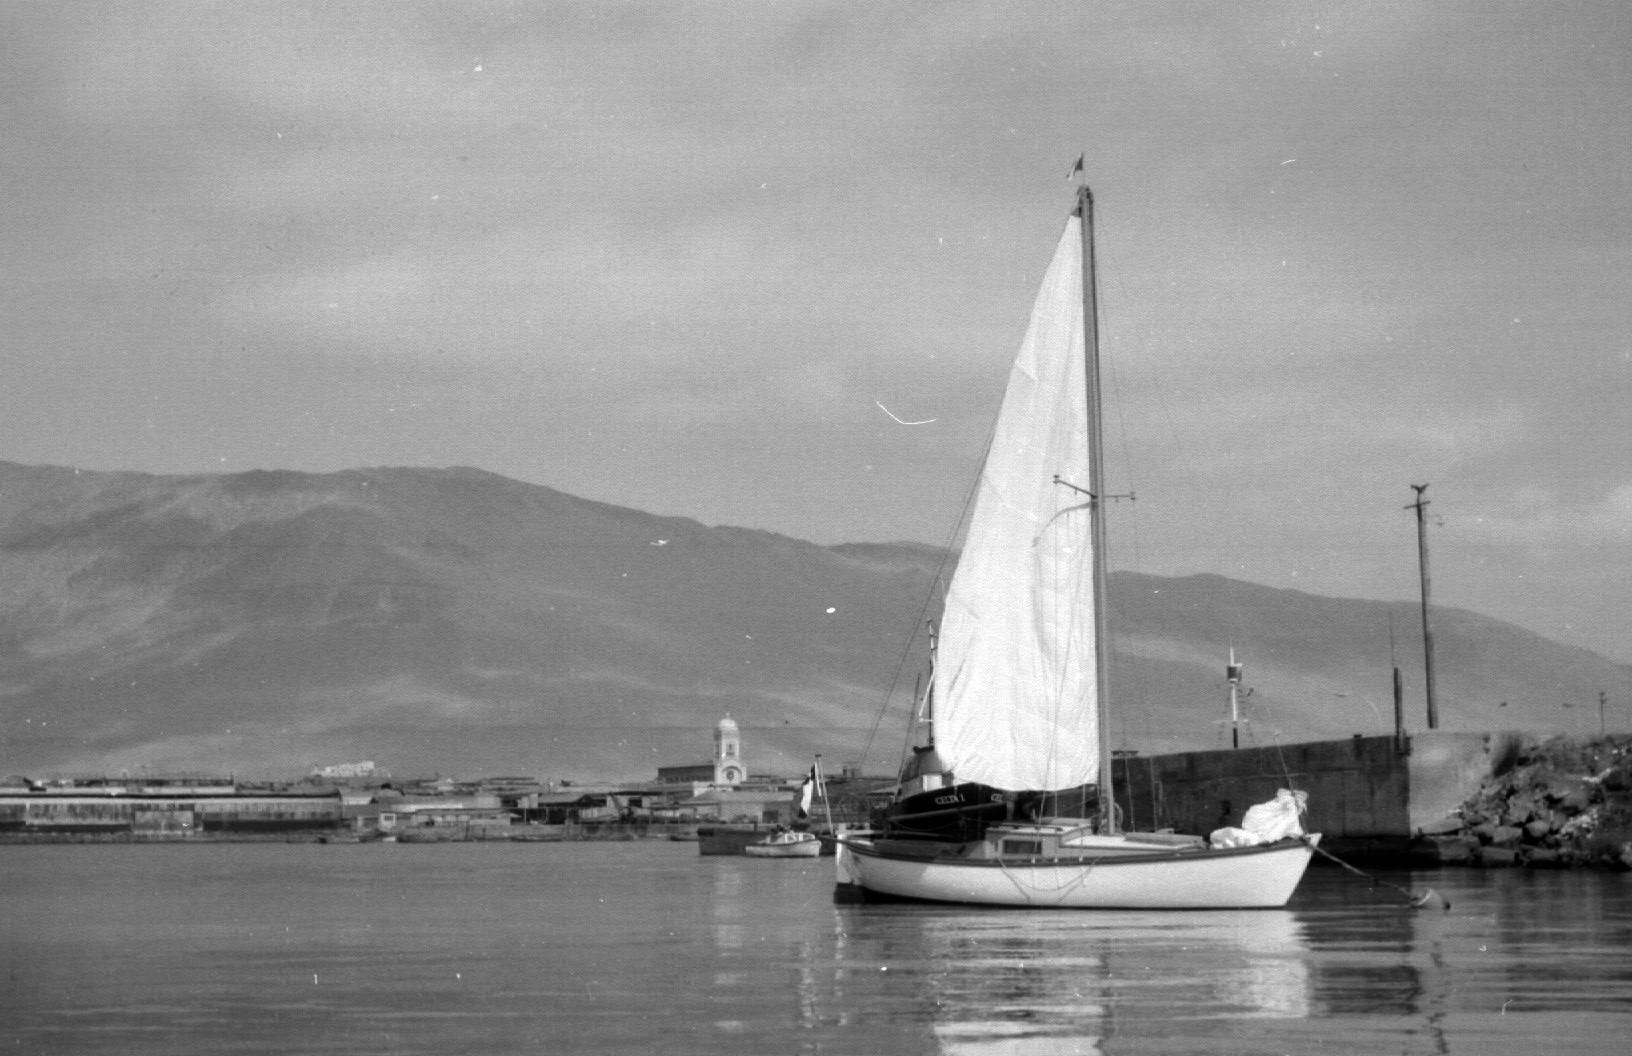 Enterreno - Fotos históricas de chile - fotos antiguas de Chile - Puerto de Iquique en 1966